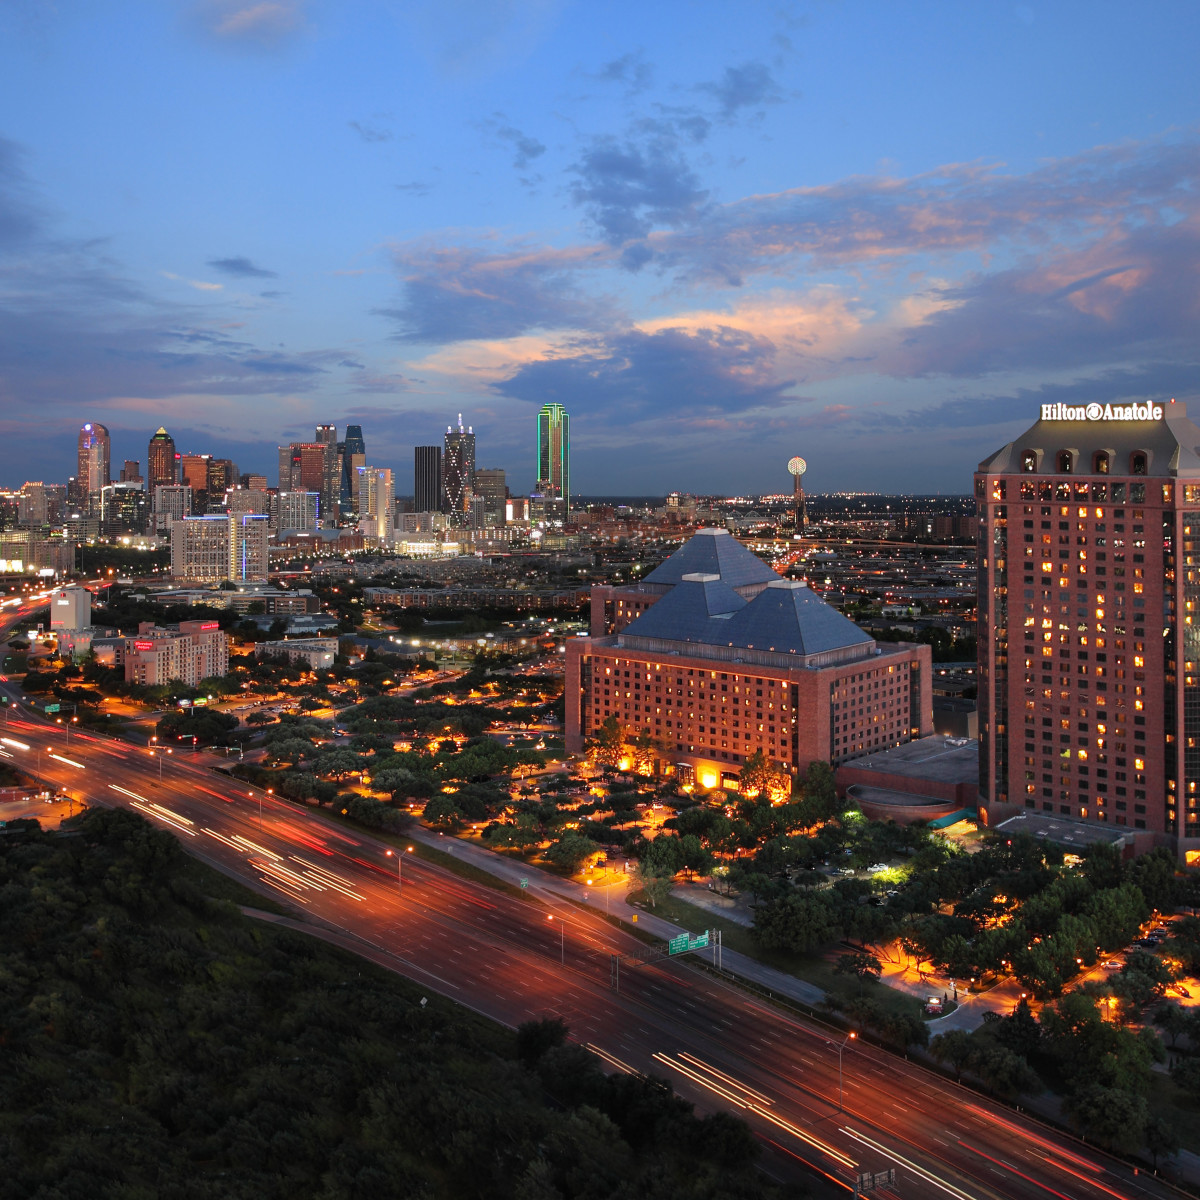 Hiltona Anatole Dallas hotel exterior